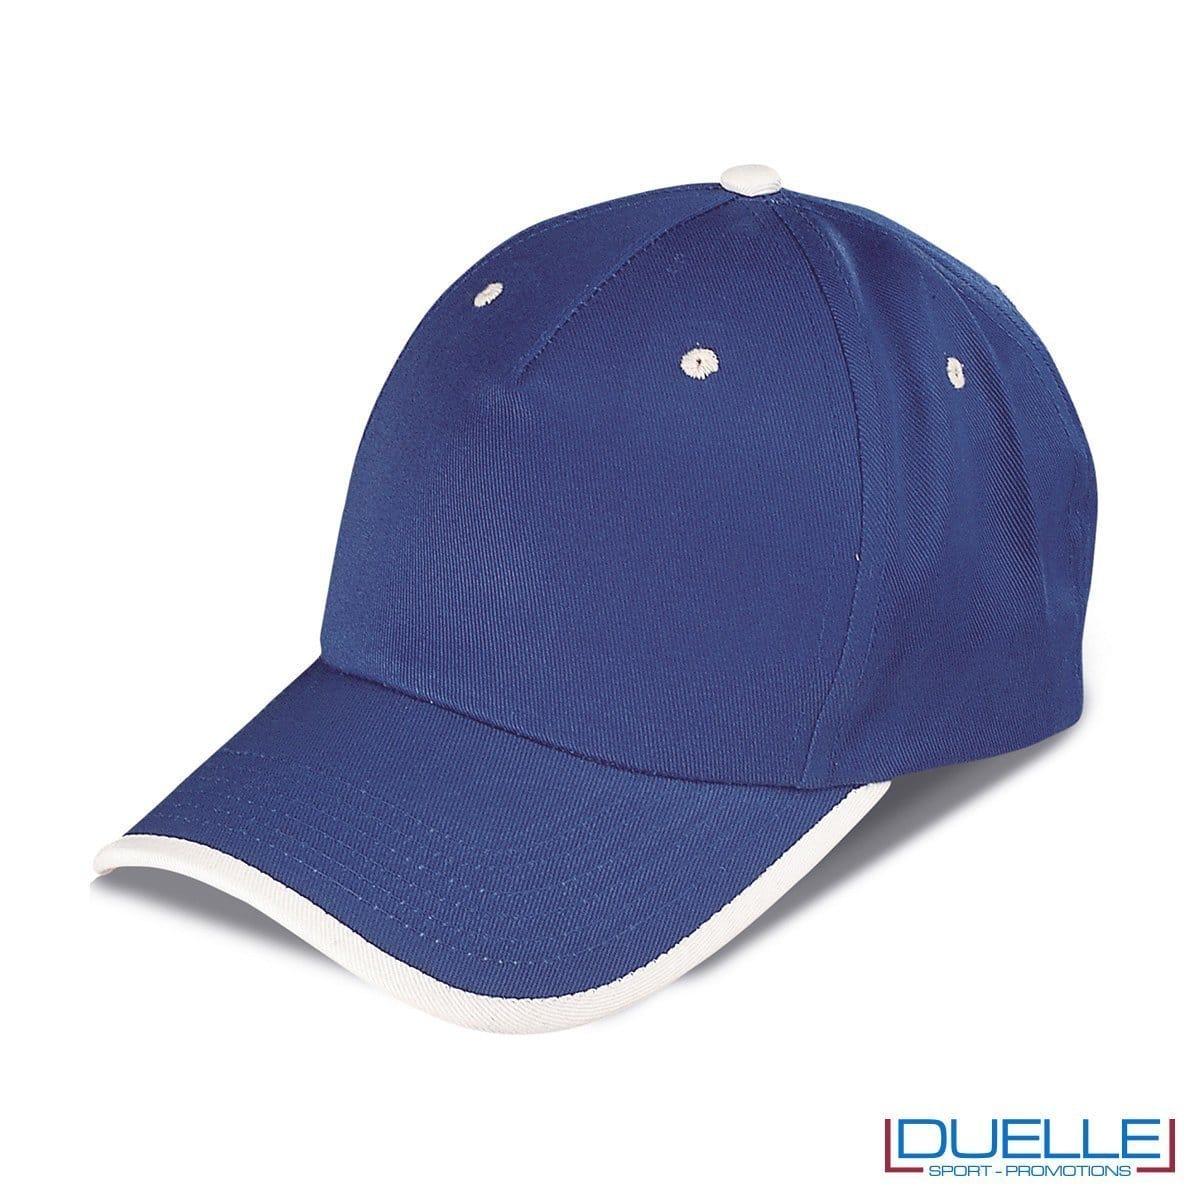 cappellino personalizzato a 5 pannelli con orlo a contrasto, colore blu royal